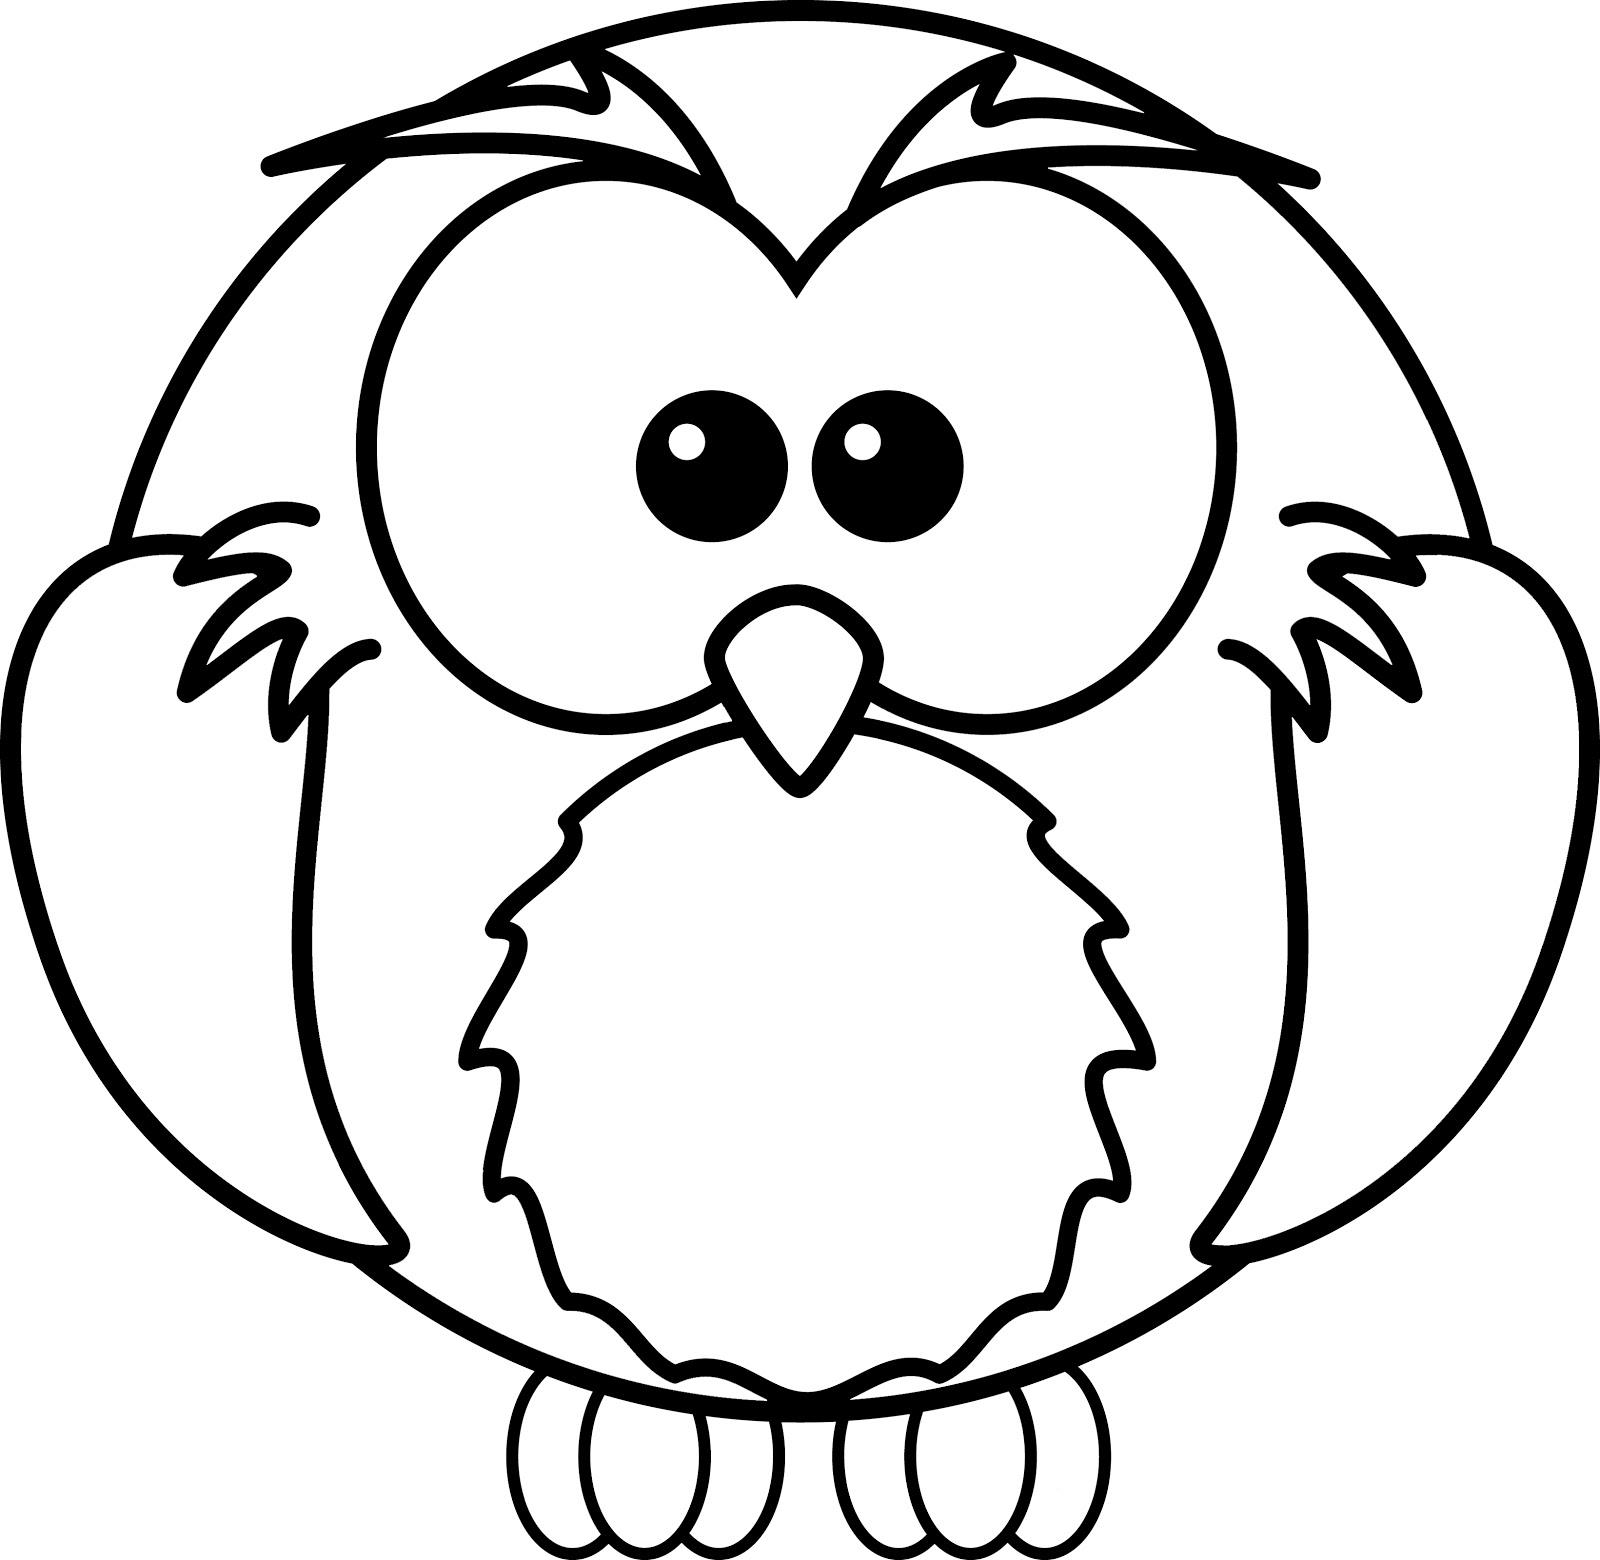 Gambar Mewarnai Burung Hantu Untuk Kolase Download Gambar Mewarnai